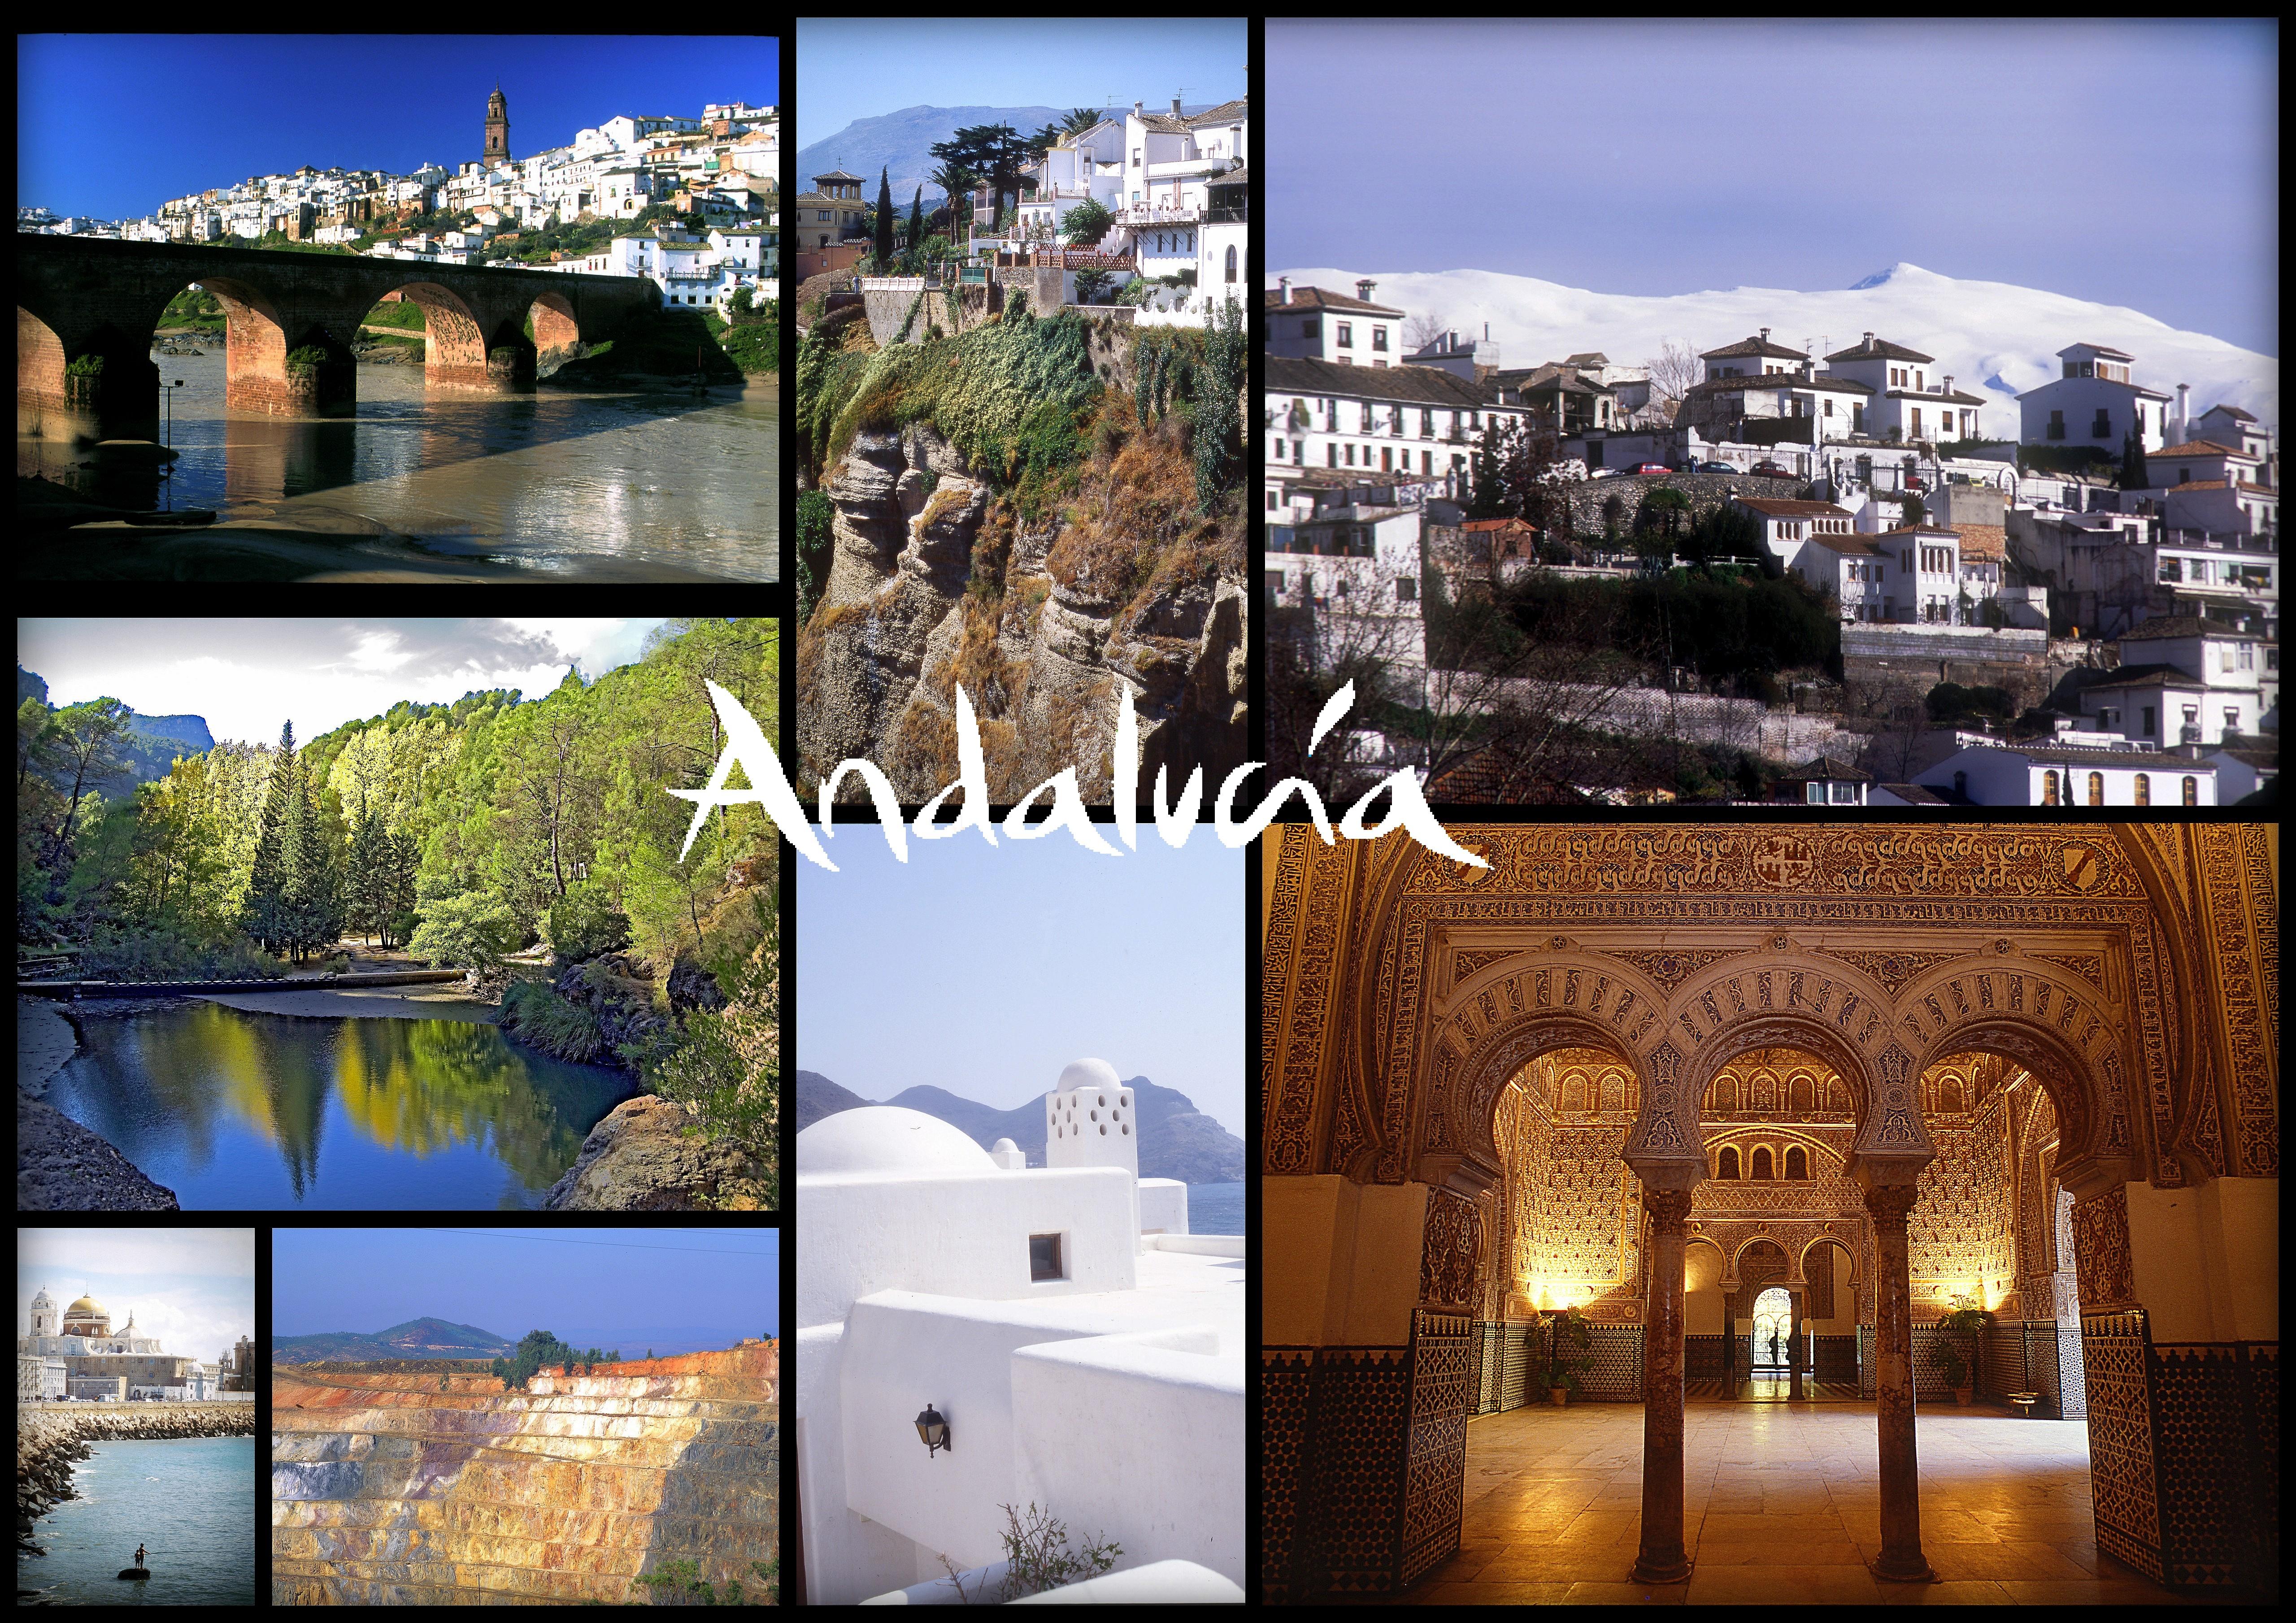 Febrero 2013 blog profesional de turismo de andaluc a - El mundo andalucia malaga ...